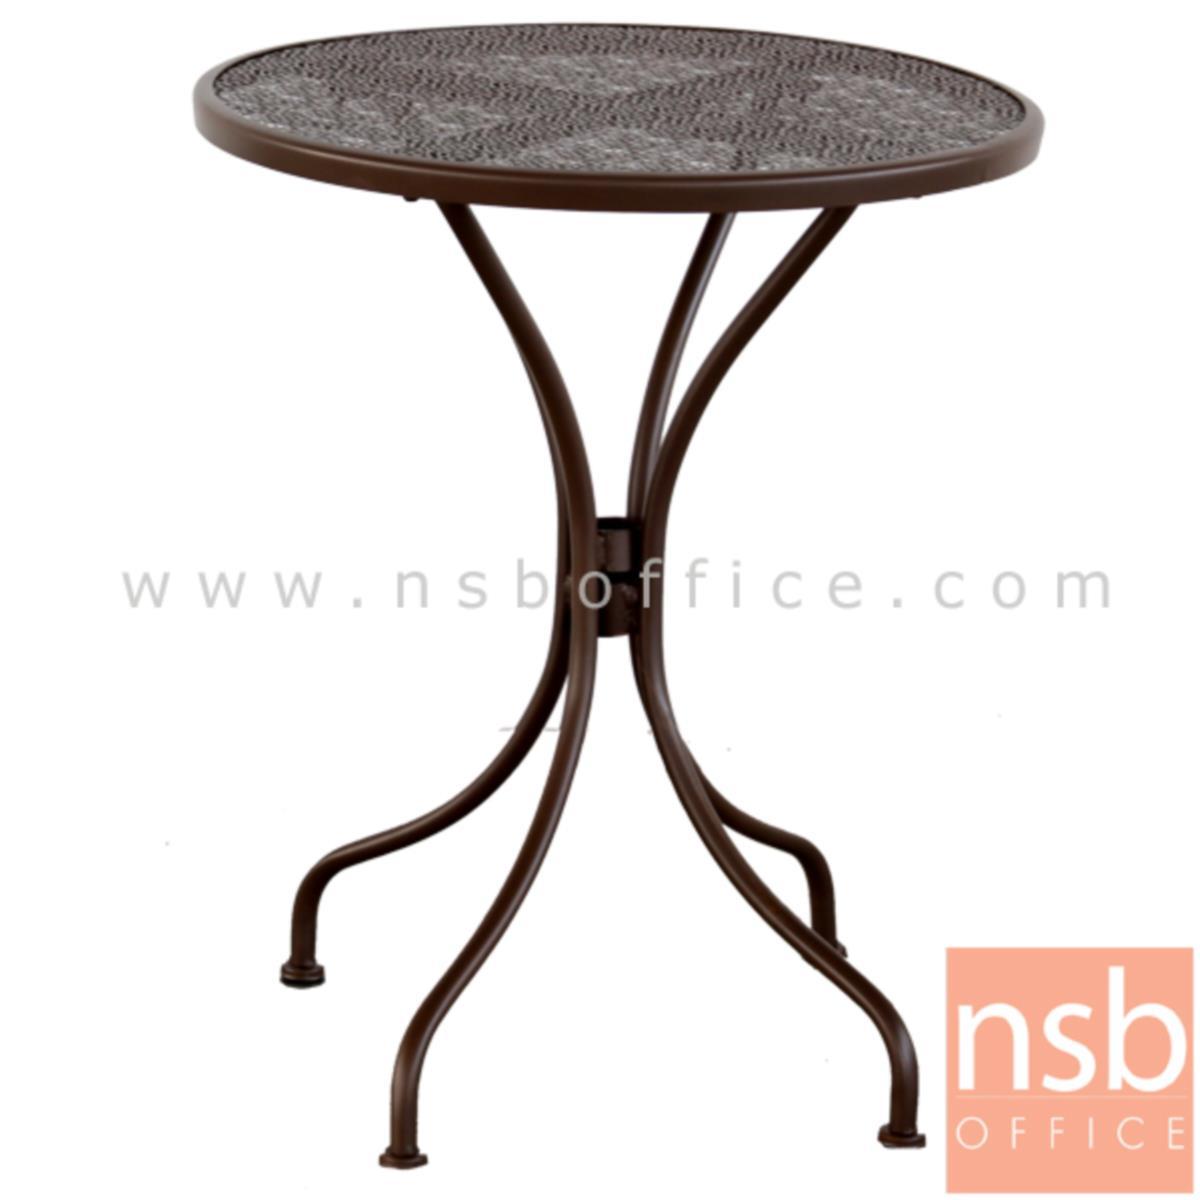 G08A246:โต๊ะสนามโครงเหล็กหน้าท็อปกลม 60Di รุ่น COTTAGE-01 ขาเหล็กพ่นสี (ไม่รวมเก้าอี้)